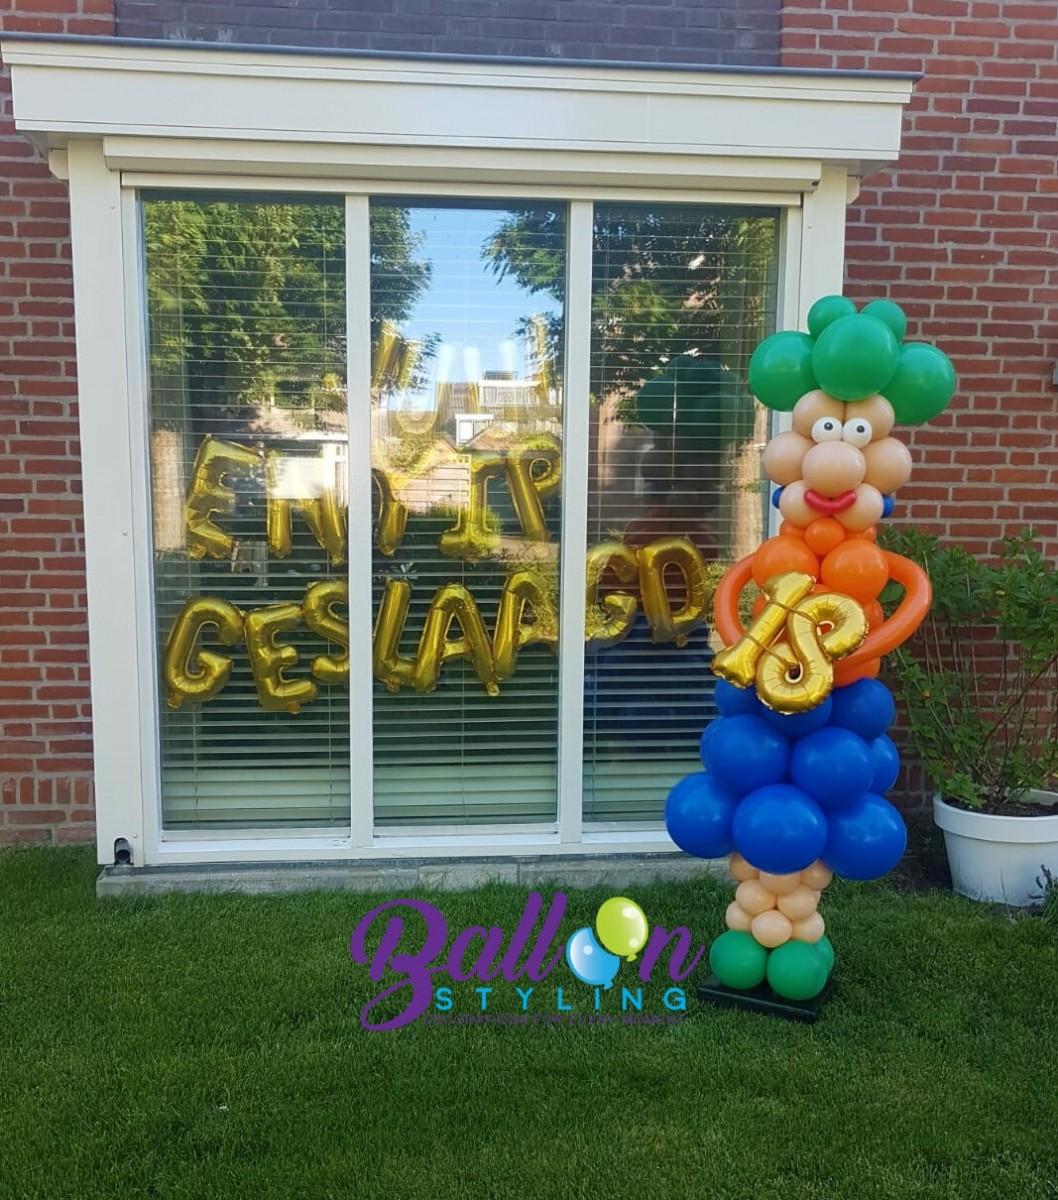 Balloon Styling Tilburg verjaardag 18 jaar ballonnen Tilburg 2